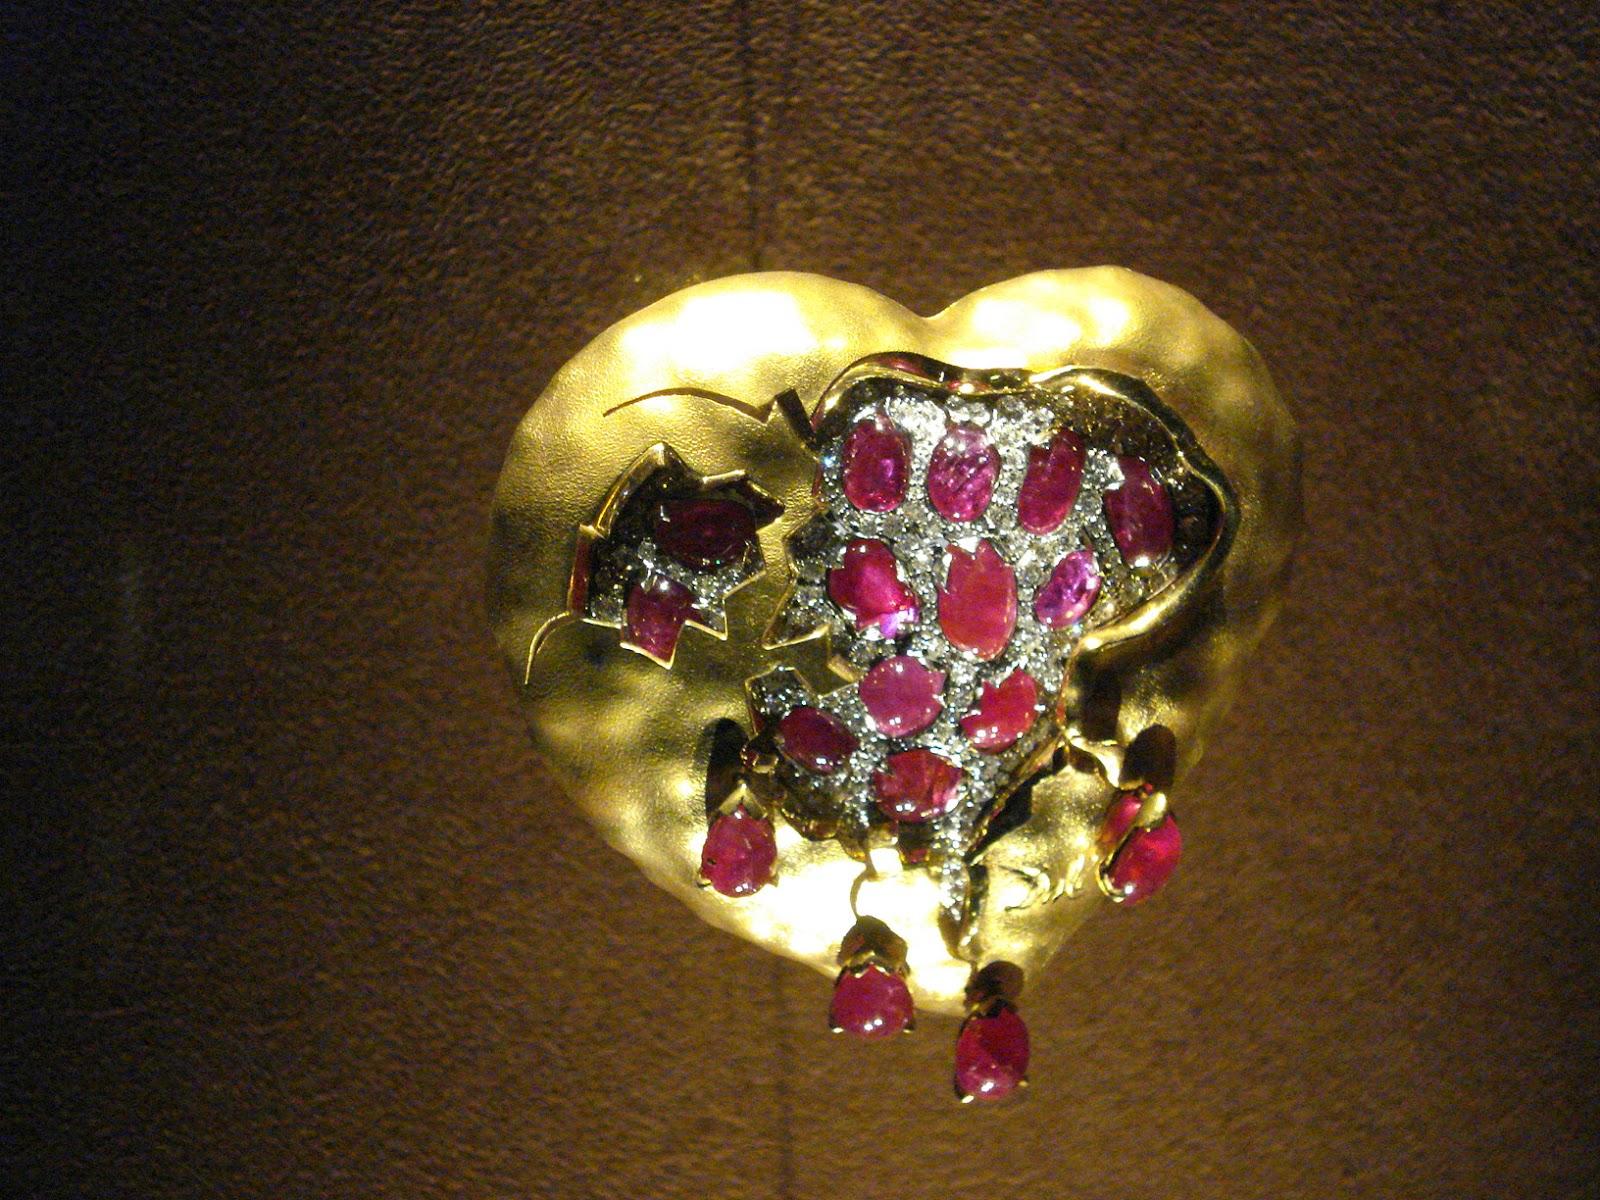 Corazón de la granada Joya diseñada por Dalí